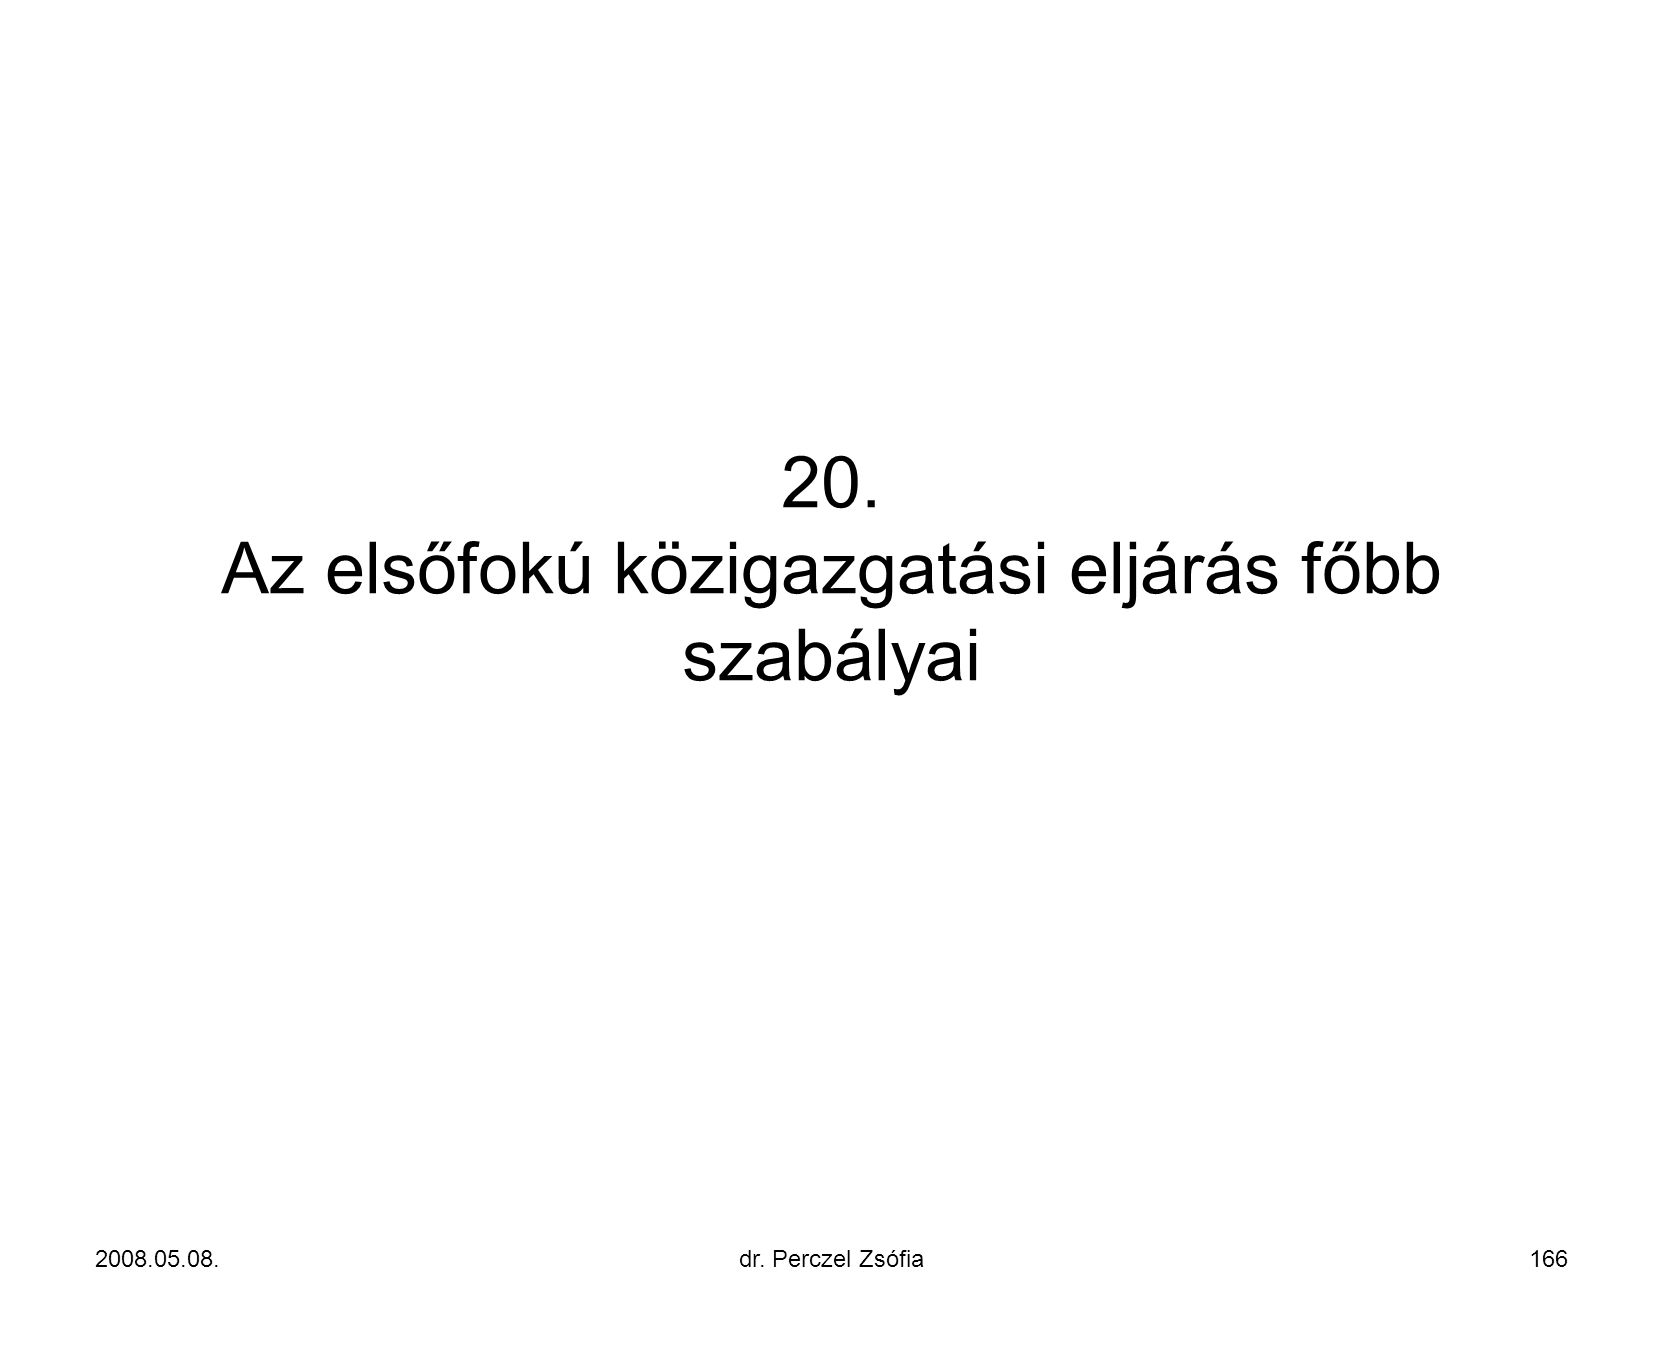 20. Az elsőfokú közigazgatási eljárás főbb szabályai